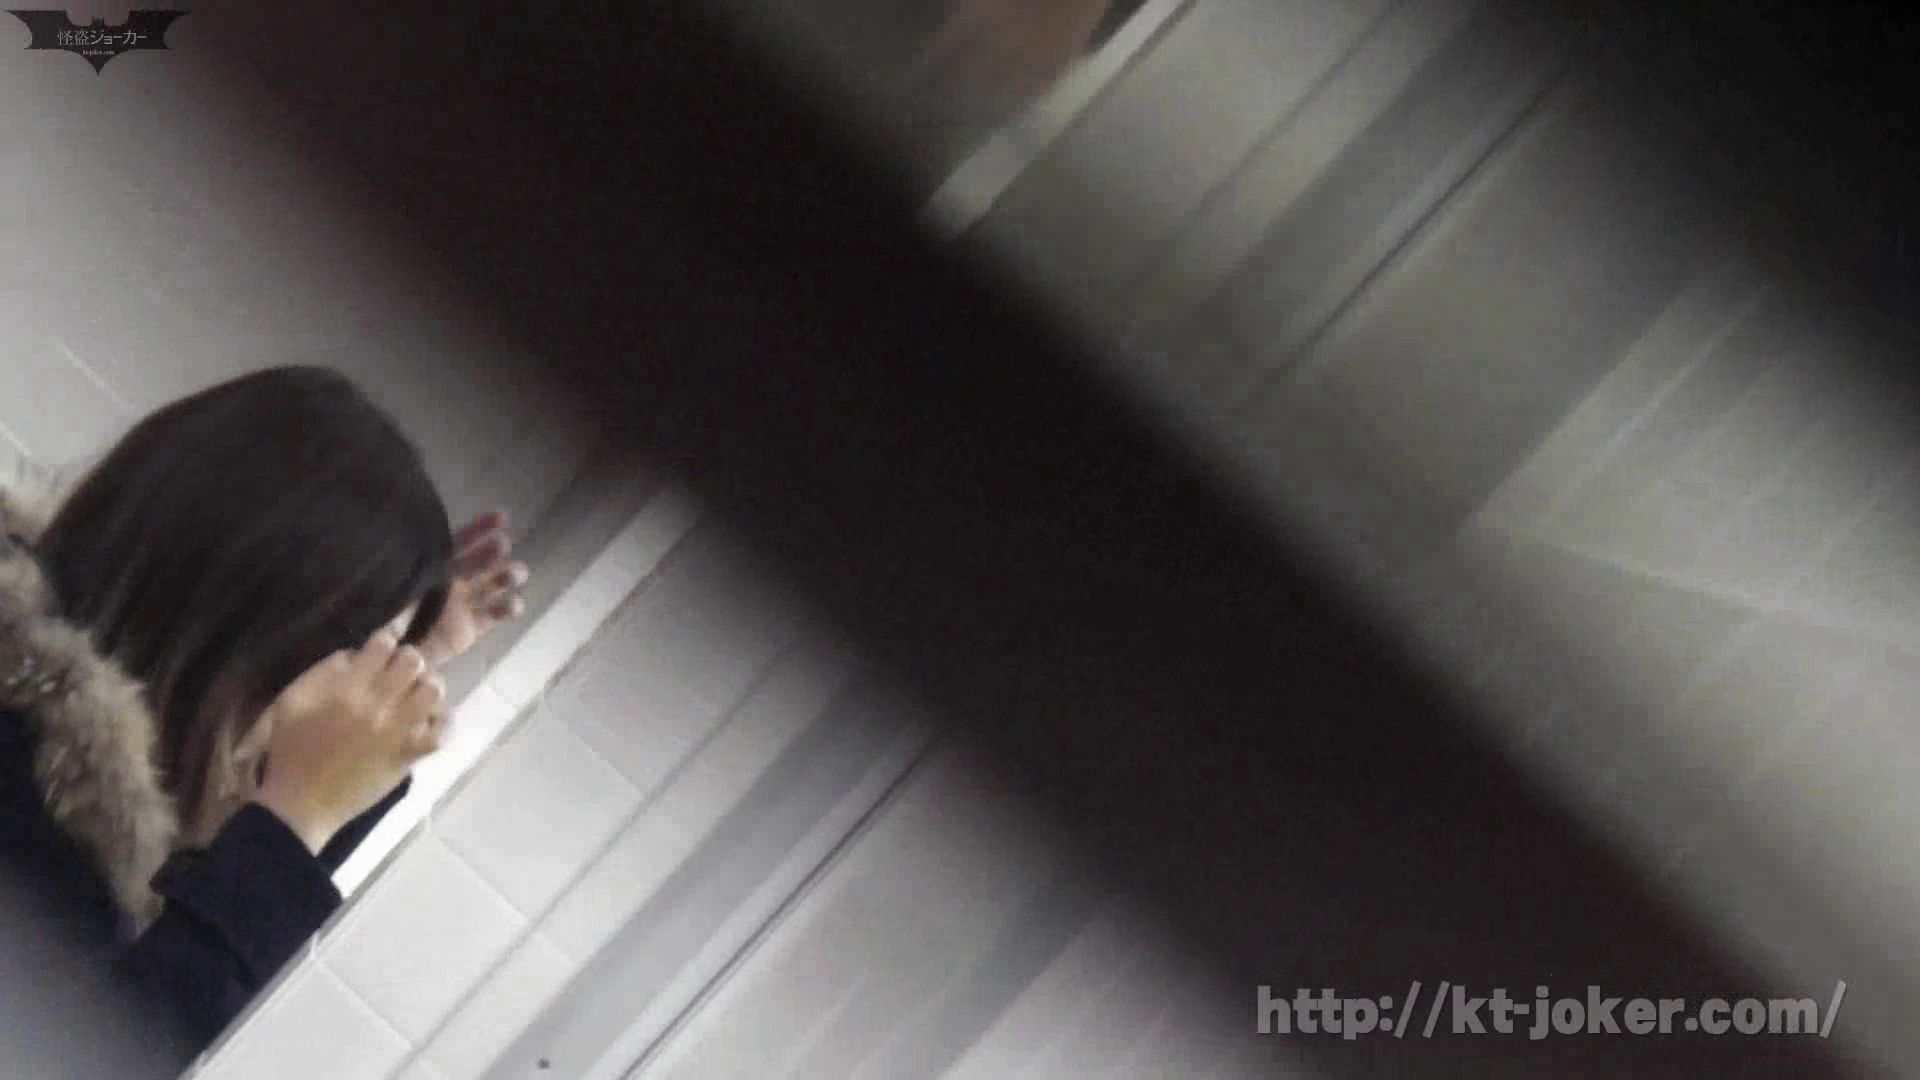 命がけ潜伏洗面所! vol.55 モデル級?「いやモデルだね!」な美女登場! 美女ヌード天国 AV動画キャプチャ 96PIX 78